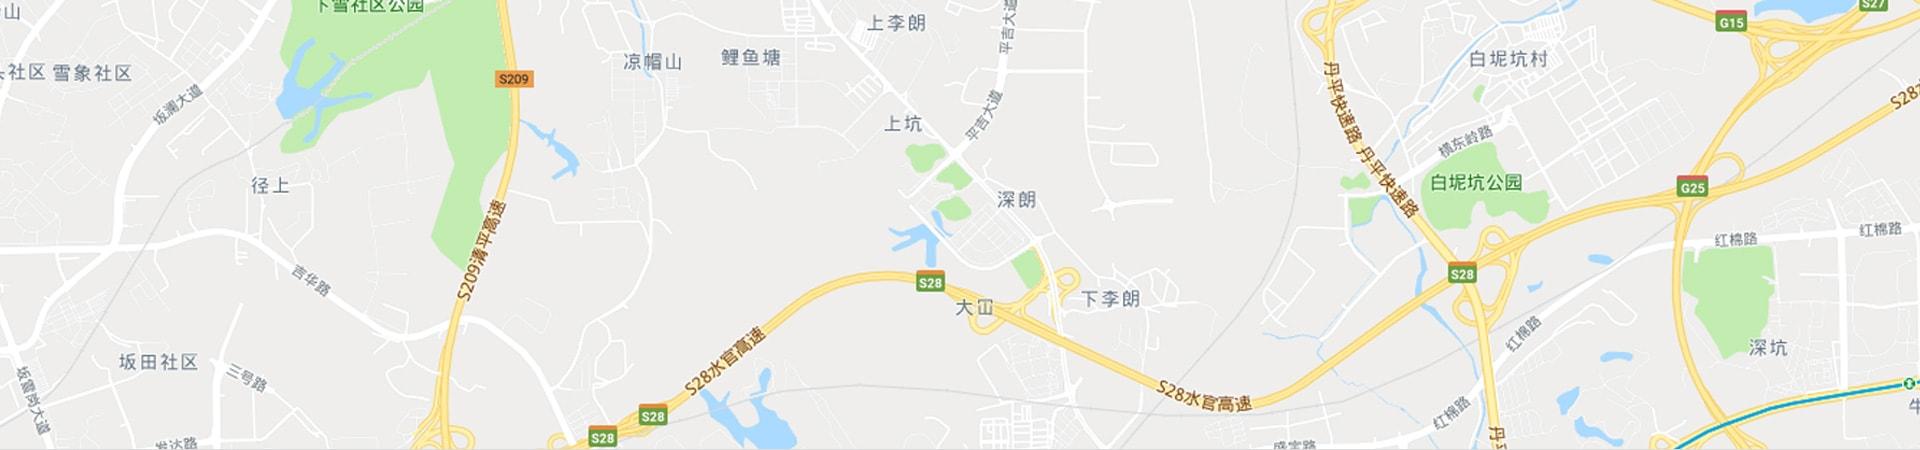 在谷歌地图中找到我